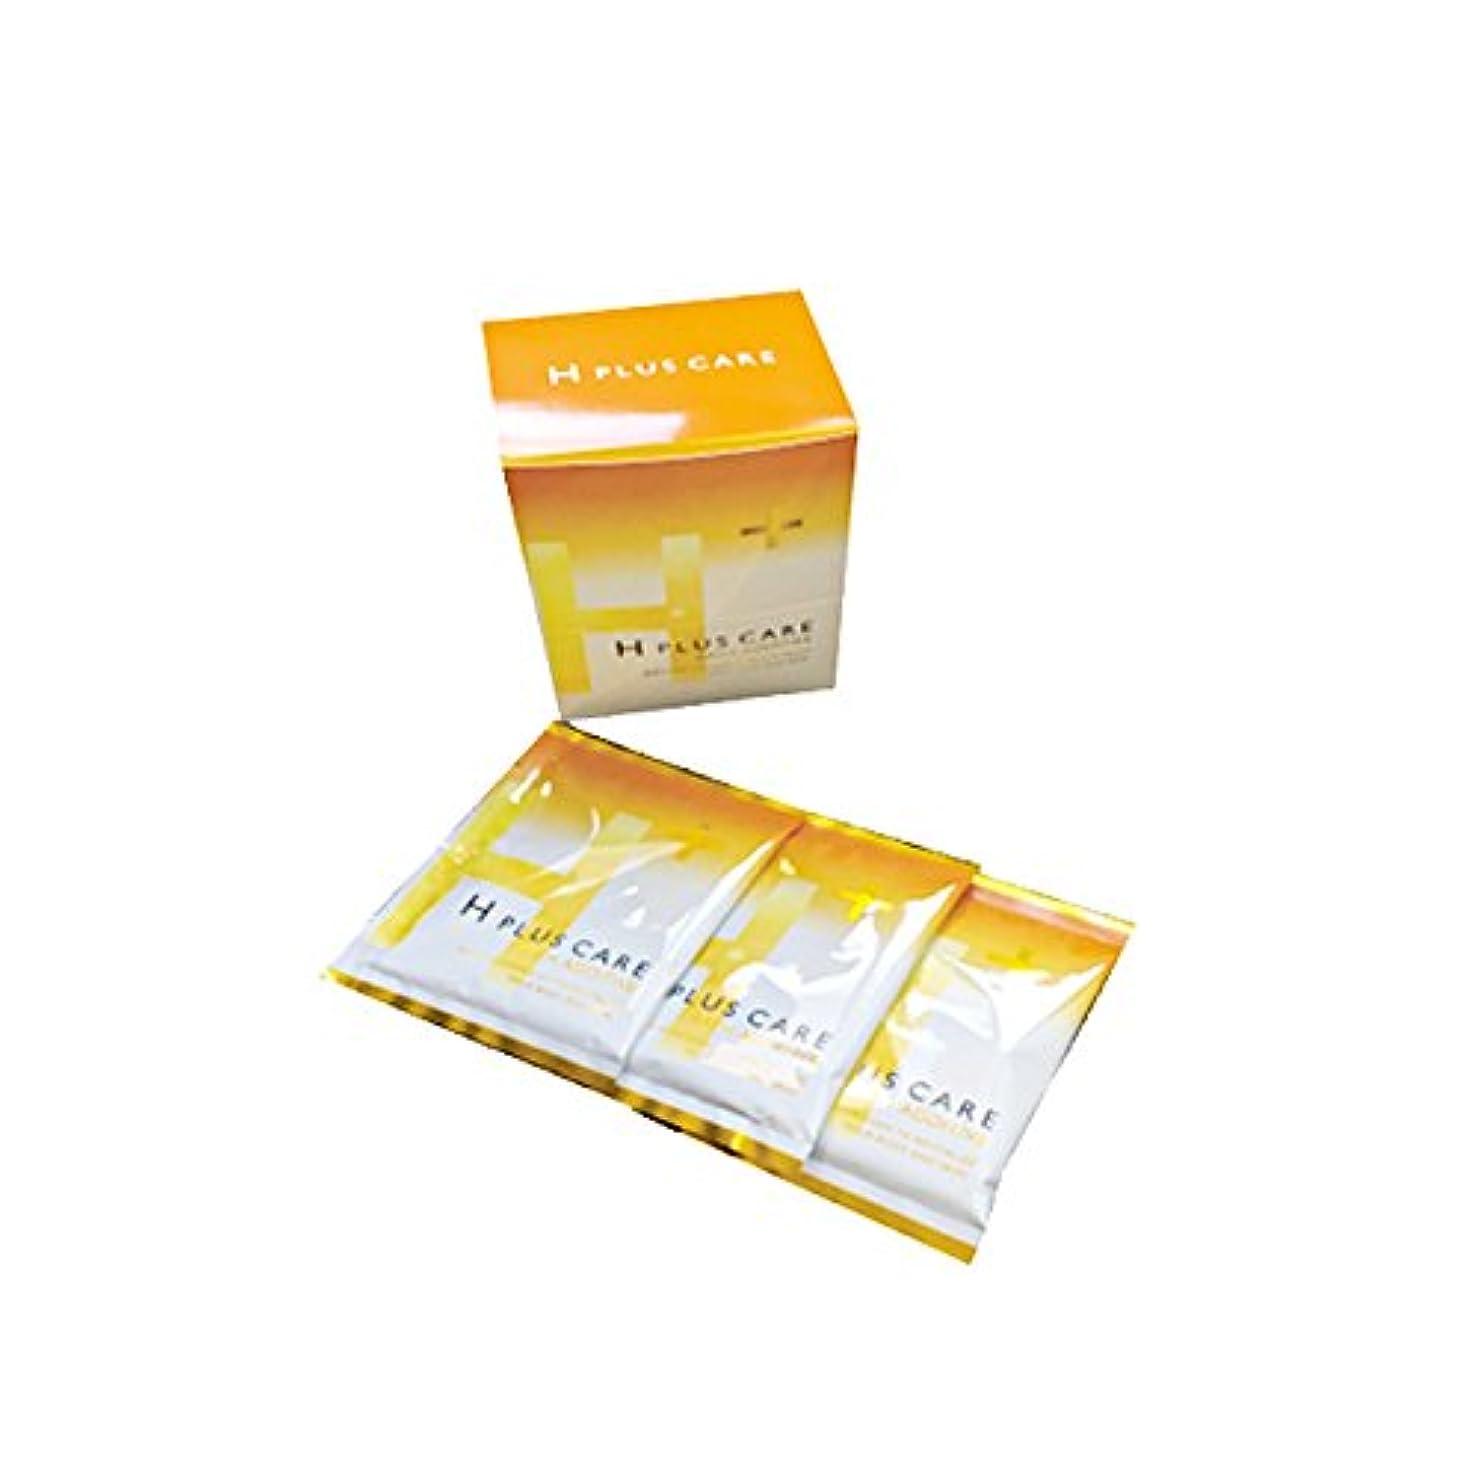 適切な哲学者雄弁な水素浴用剤 H PLUS CARE(エイチプラスケア) 450g(45g×10包) アンタレス